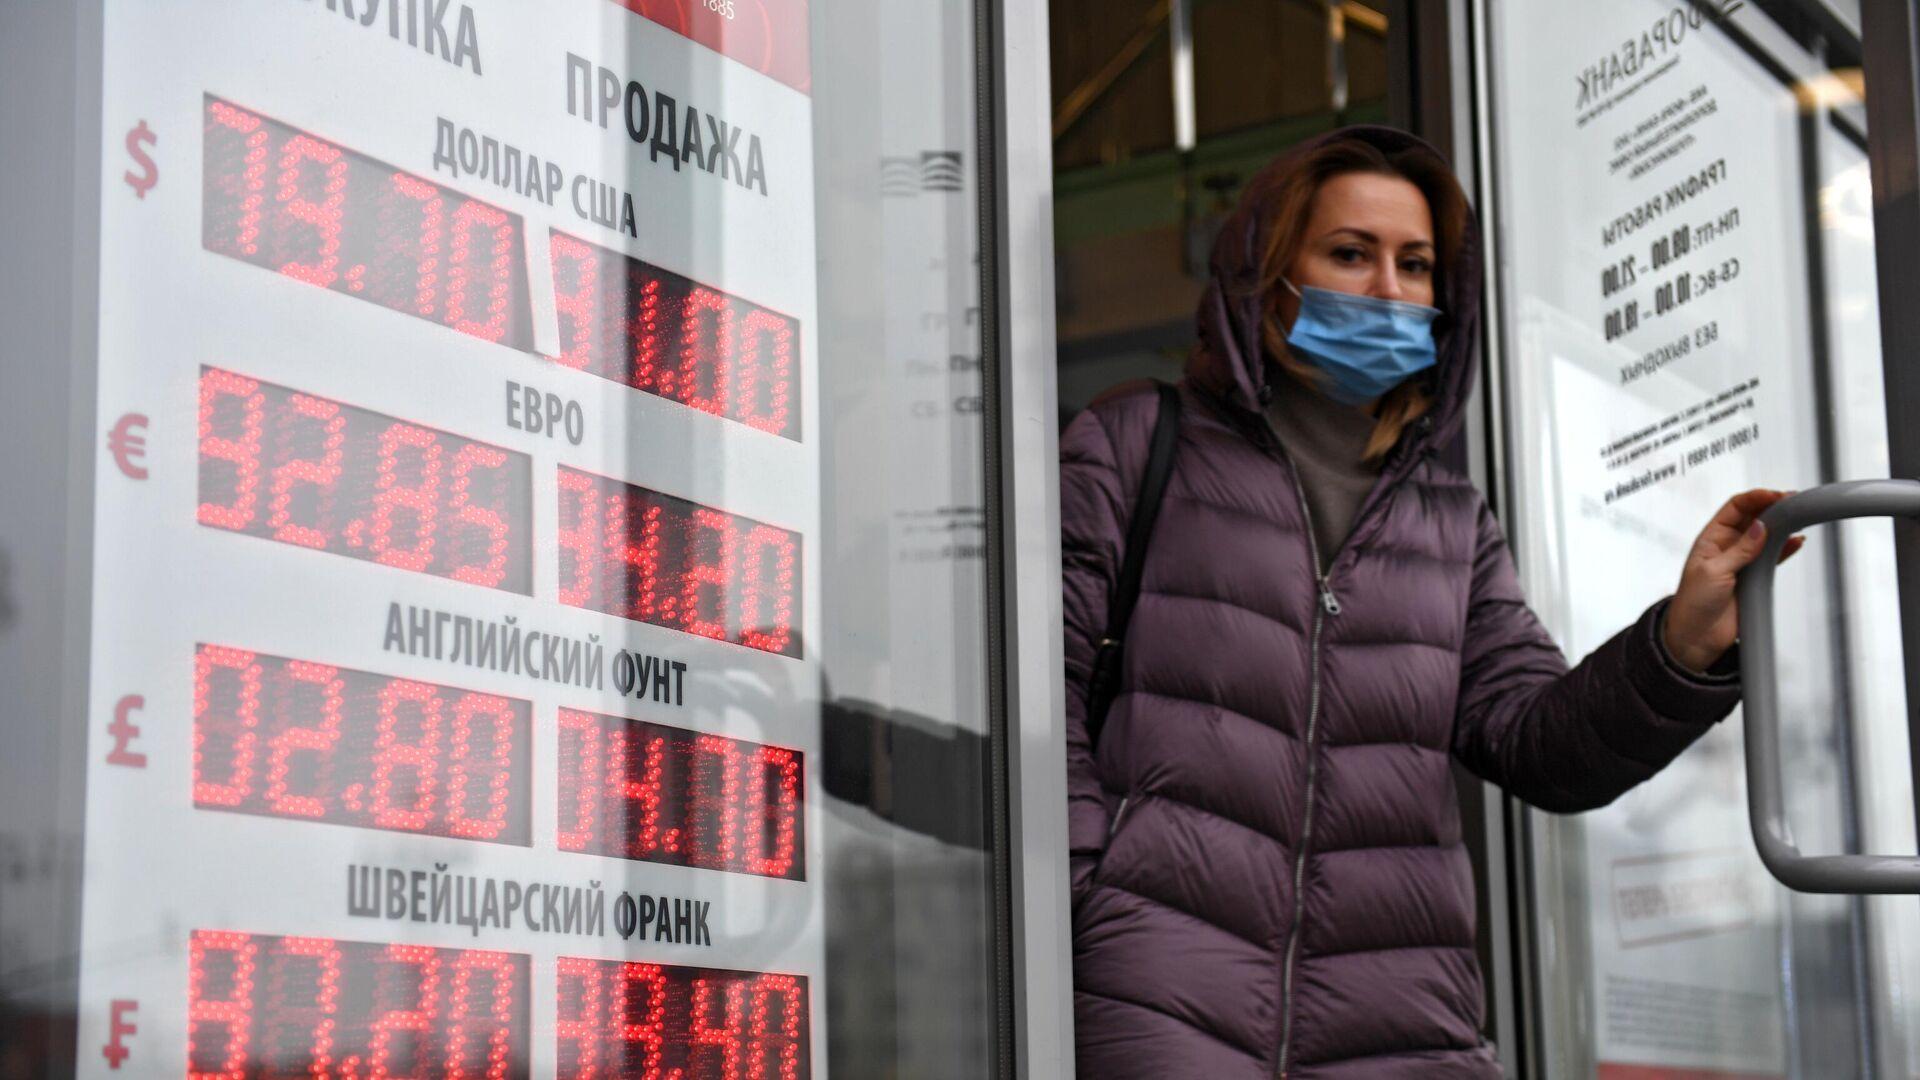 Девушка выходит из обменного пункта валют в Москве - РИА Новости, 1920, 07.05.2021